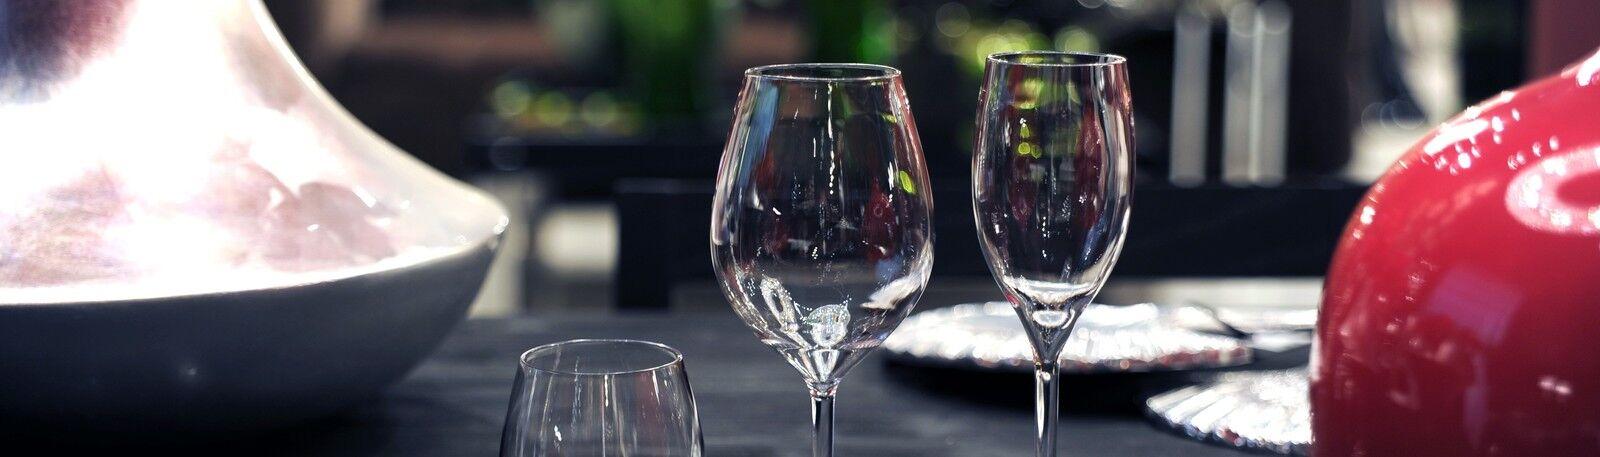 winecrafters – 25 Jahre Qualität